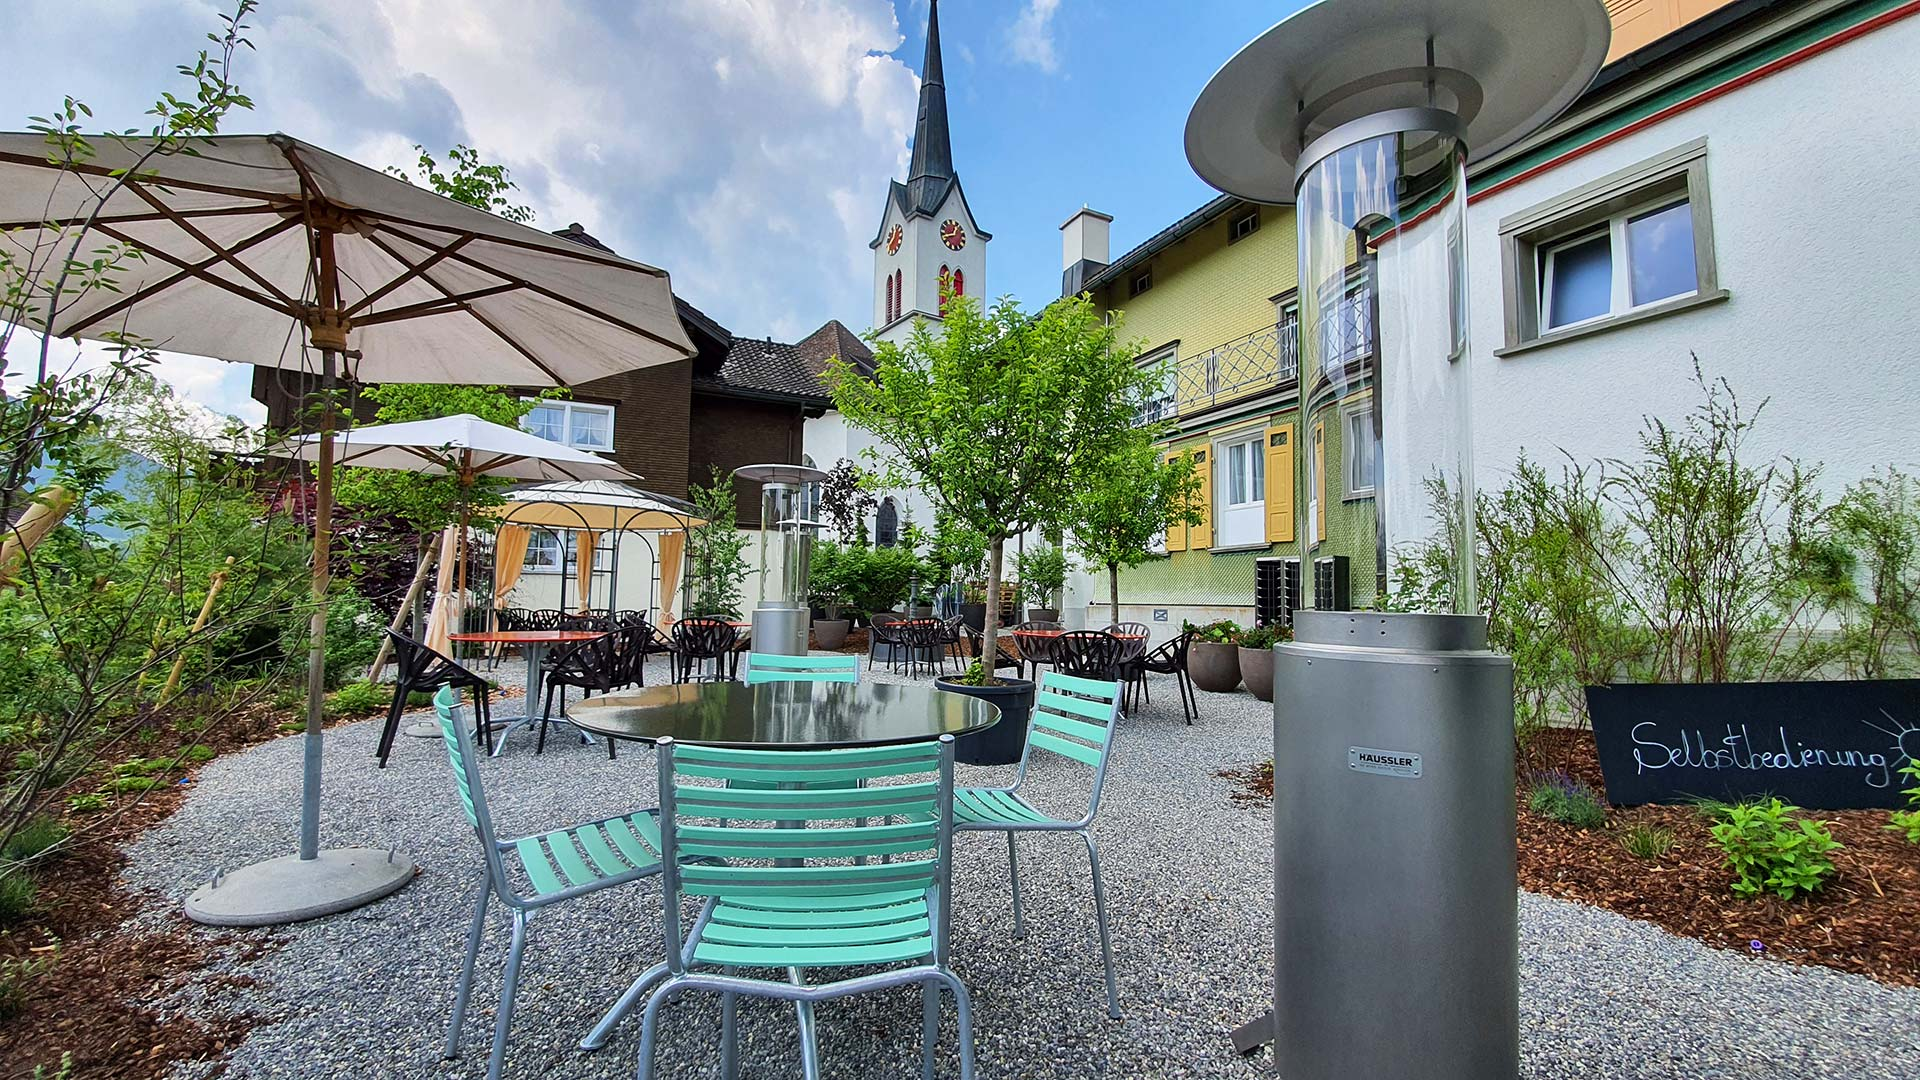 Terrasse des Restaurant Löwen in Gonten, Appenzell